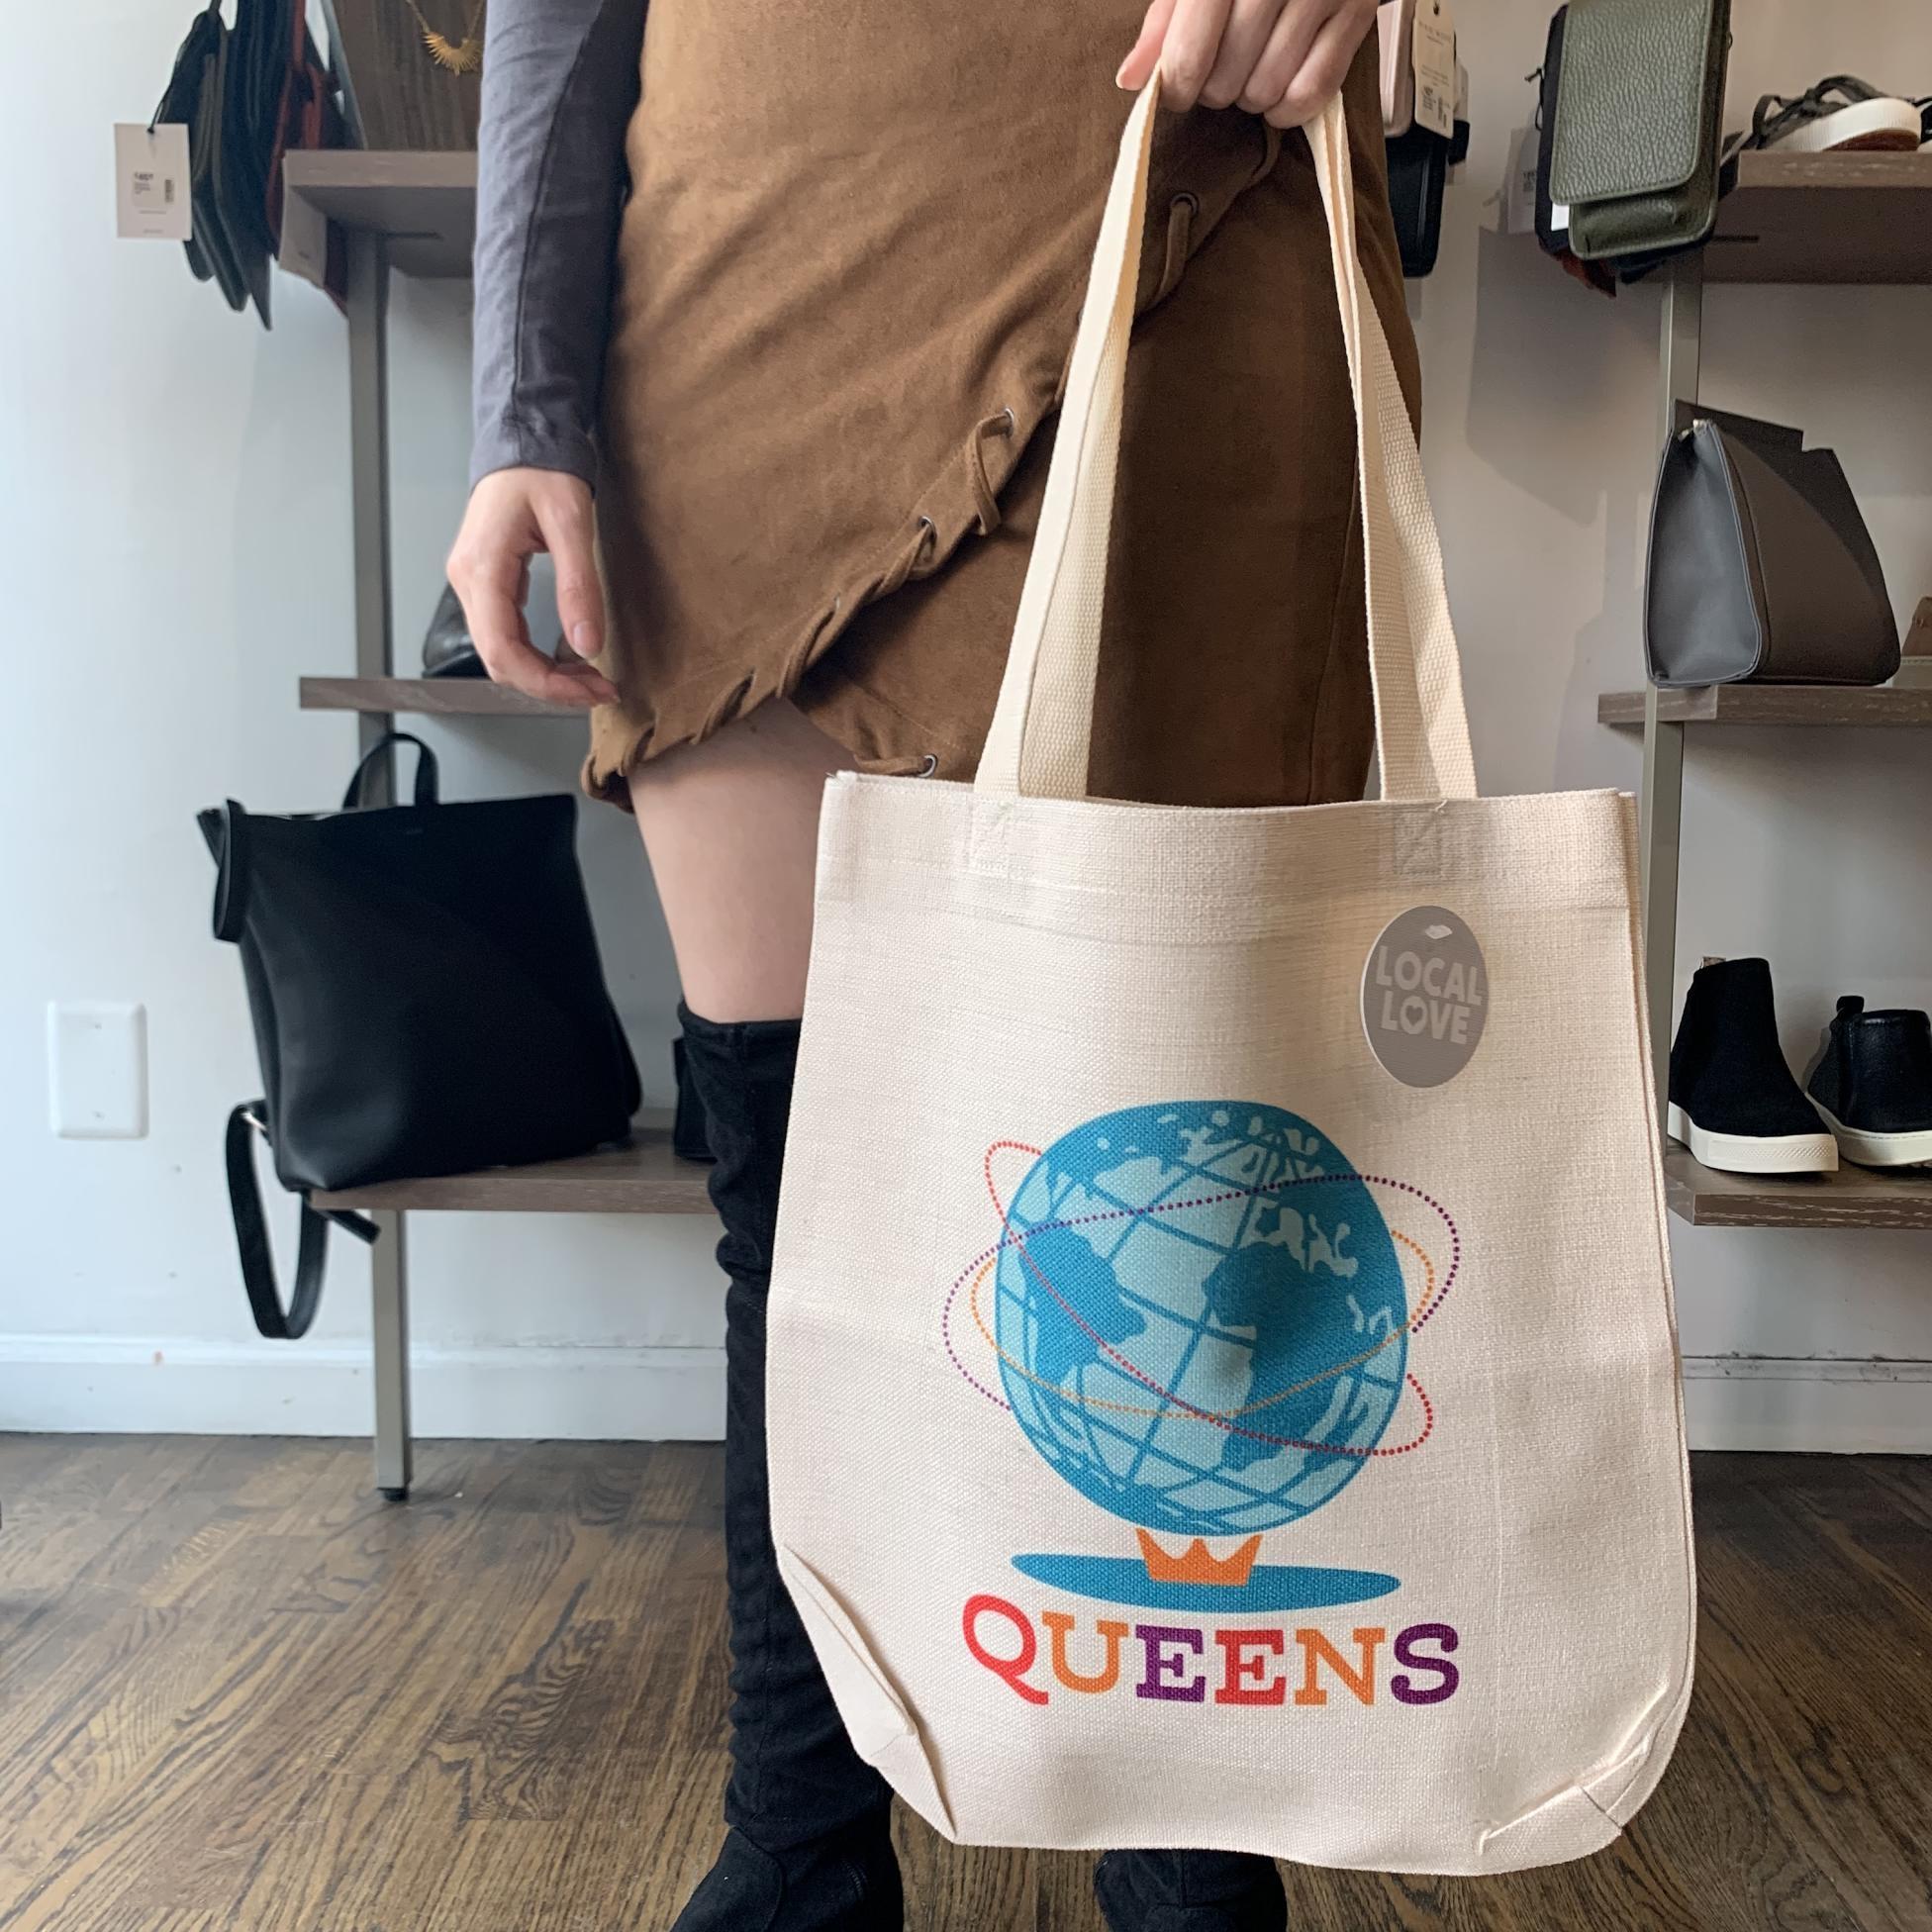 Rock Scissor Paper Tote Bag - Queens Unisphere